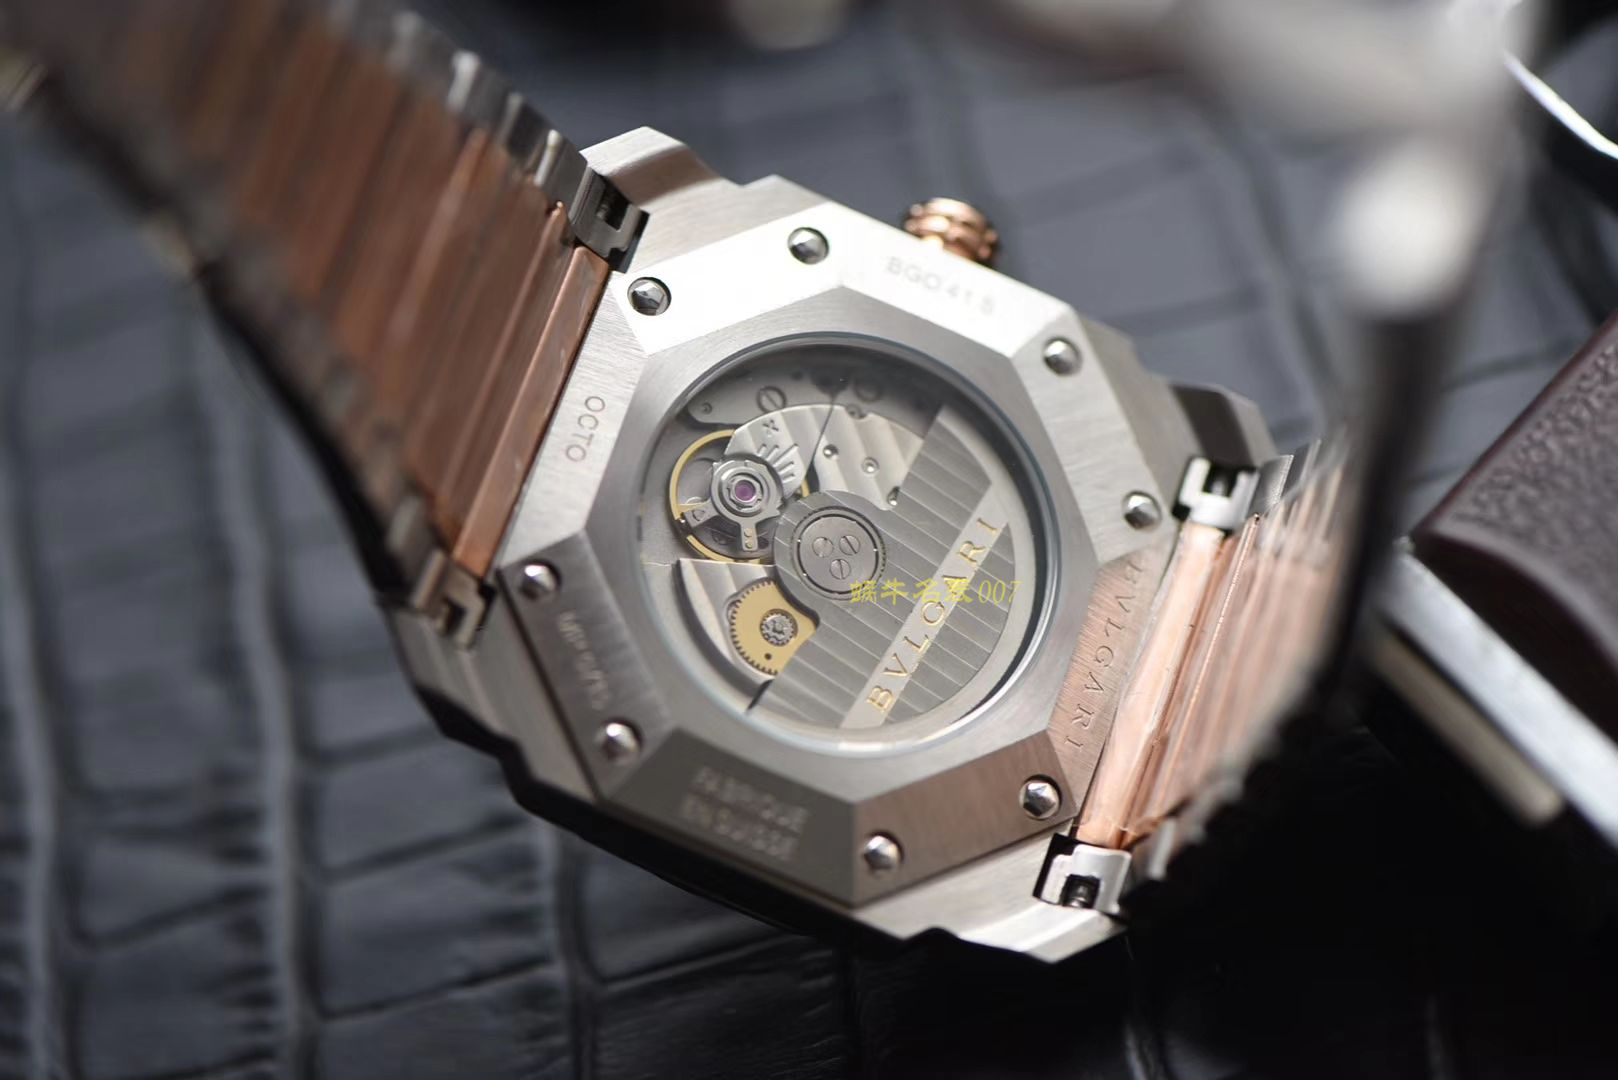 宝格丽OCTO系列102118 BGO38WSPGD腕表【台湾厂一比一复刻手表】 / BG023